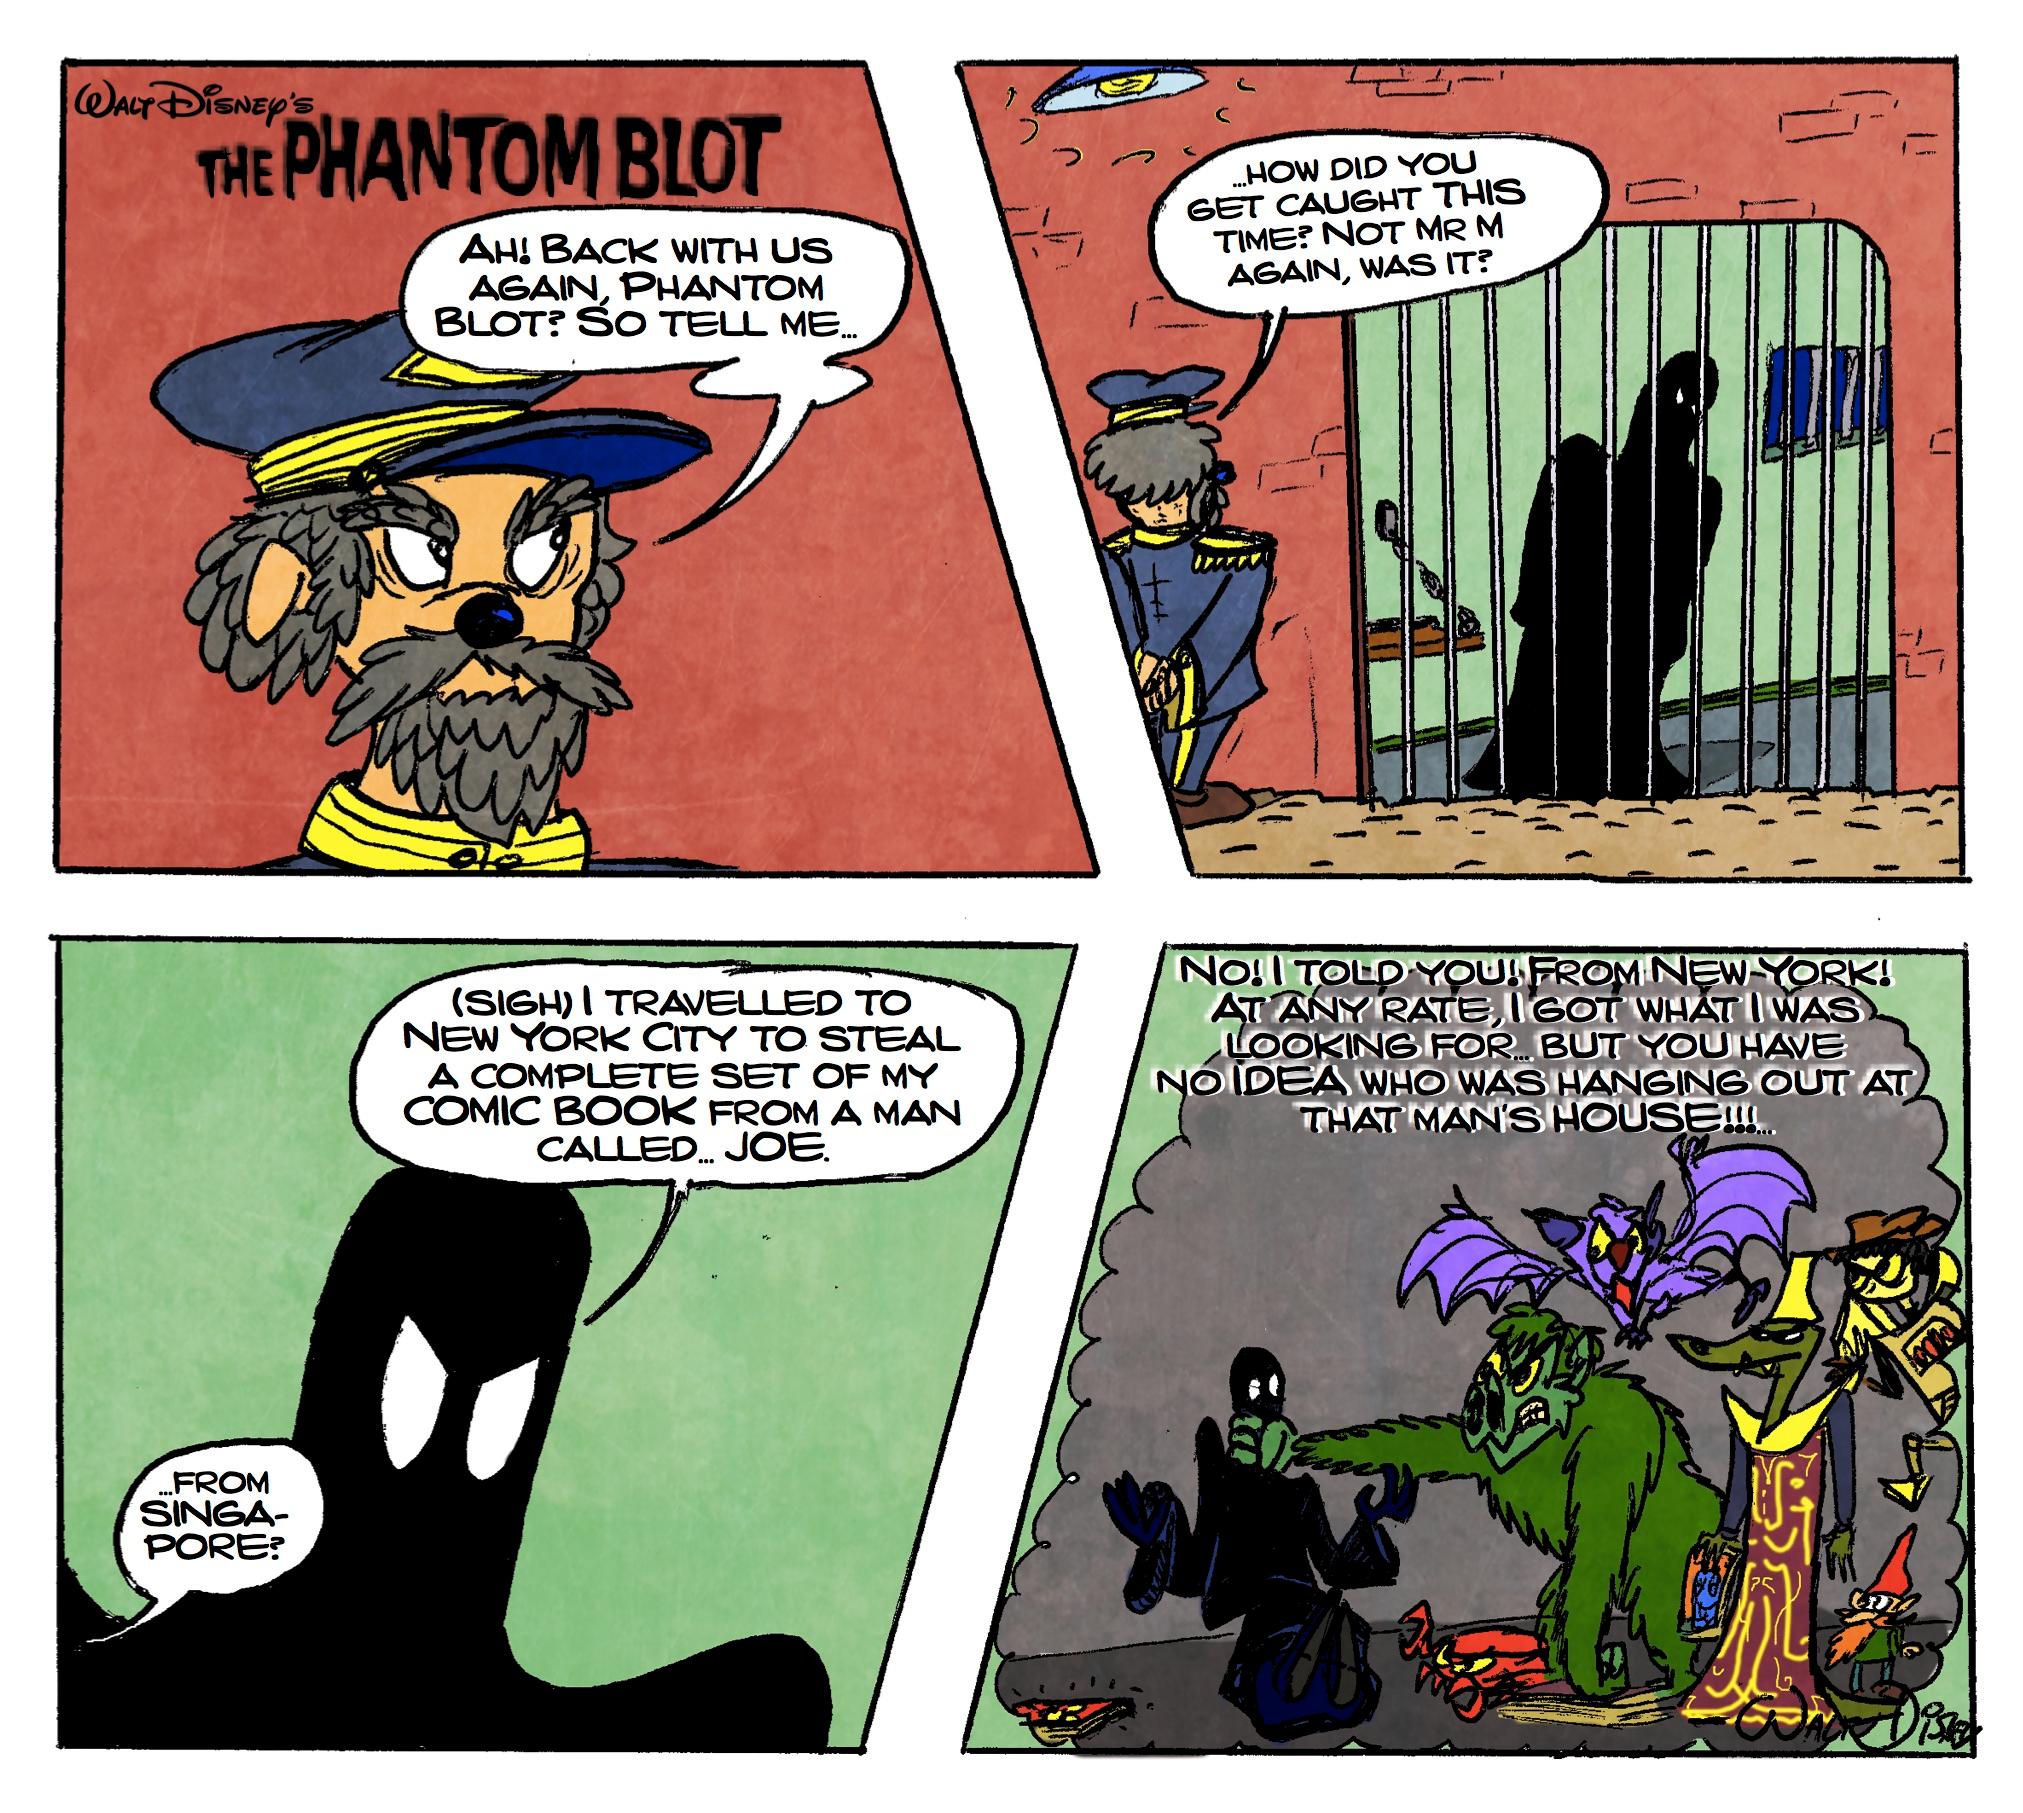 The Phantom Blot Visits Joe!